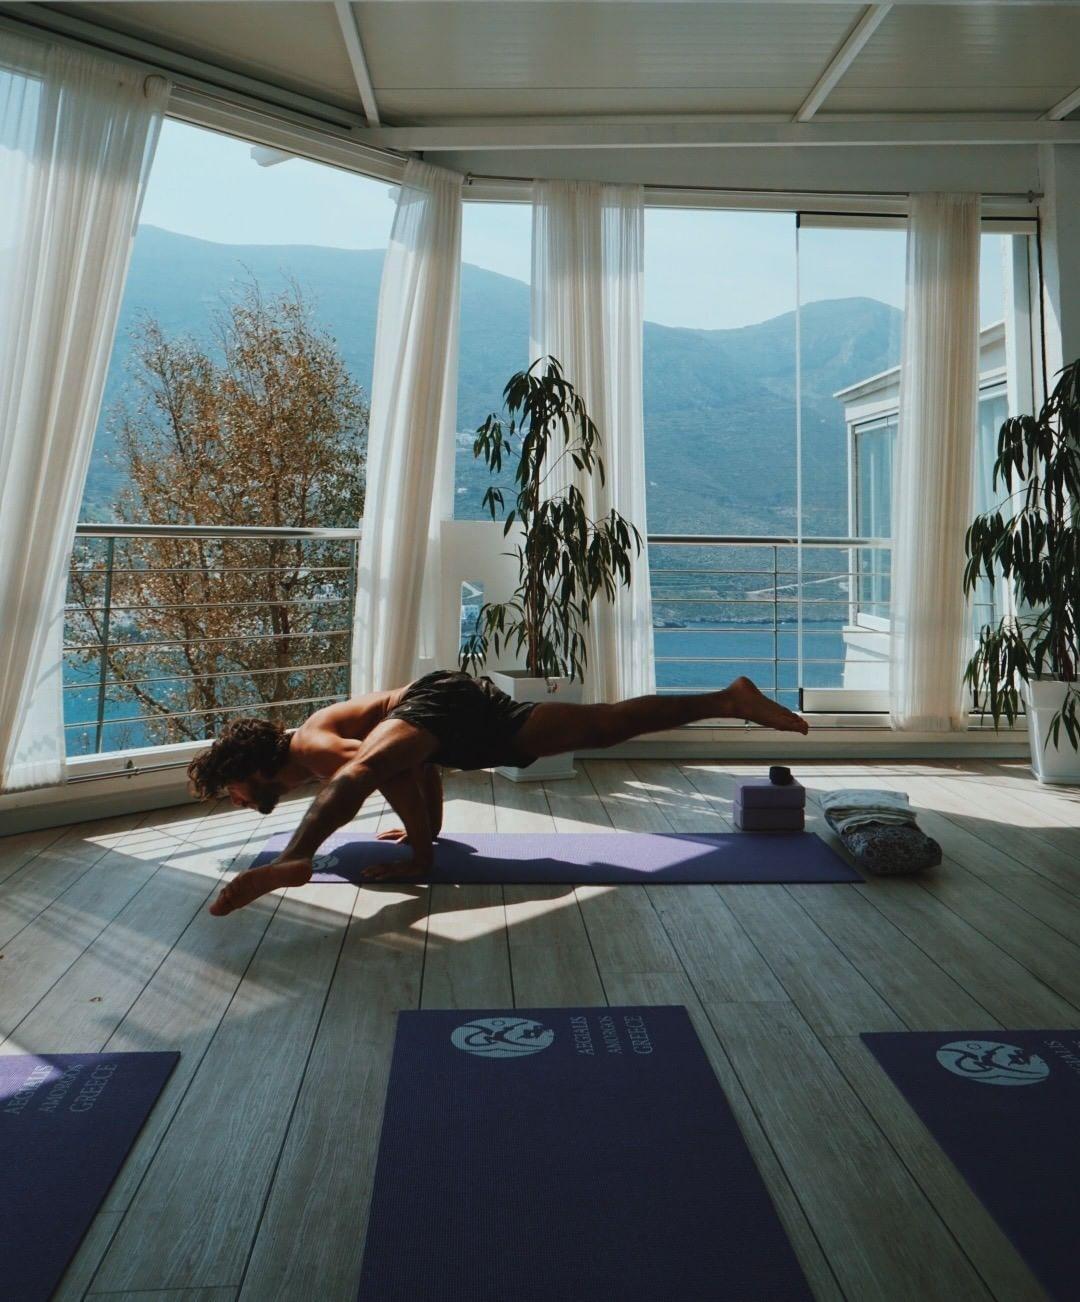 Saiba mais sobre a Yoga e seus diferentes estilos - Papo de Pai